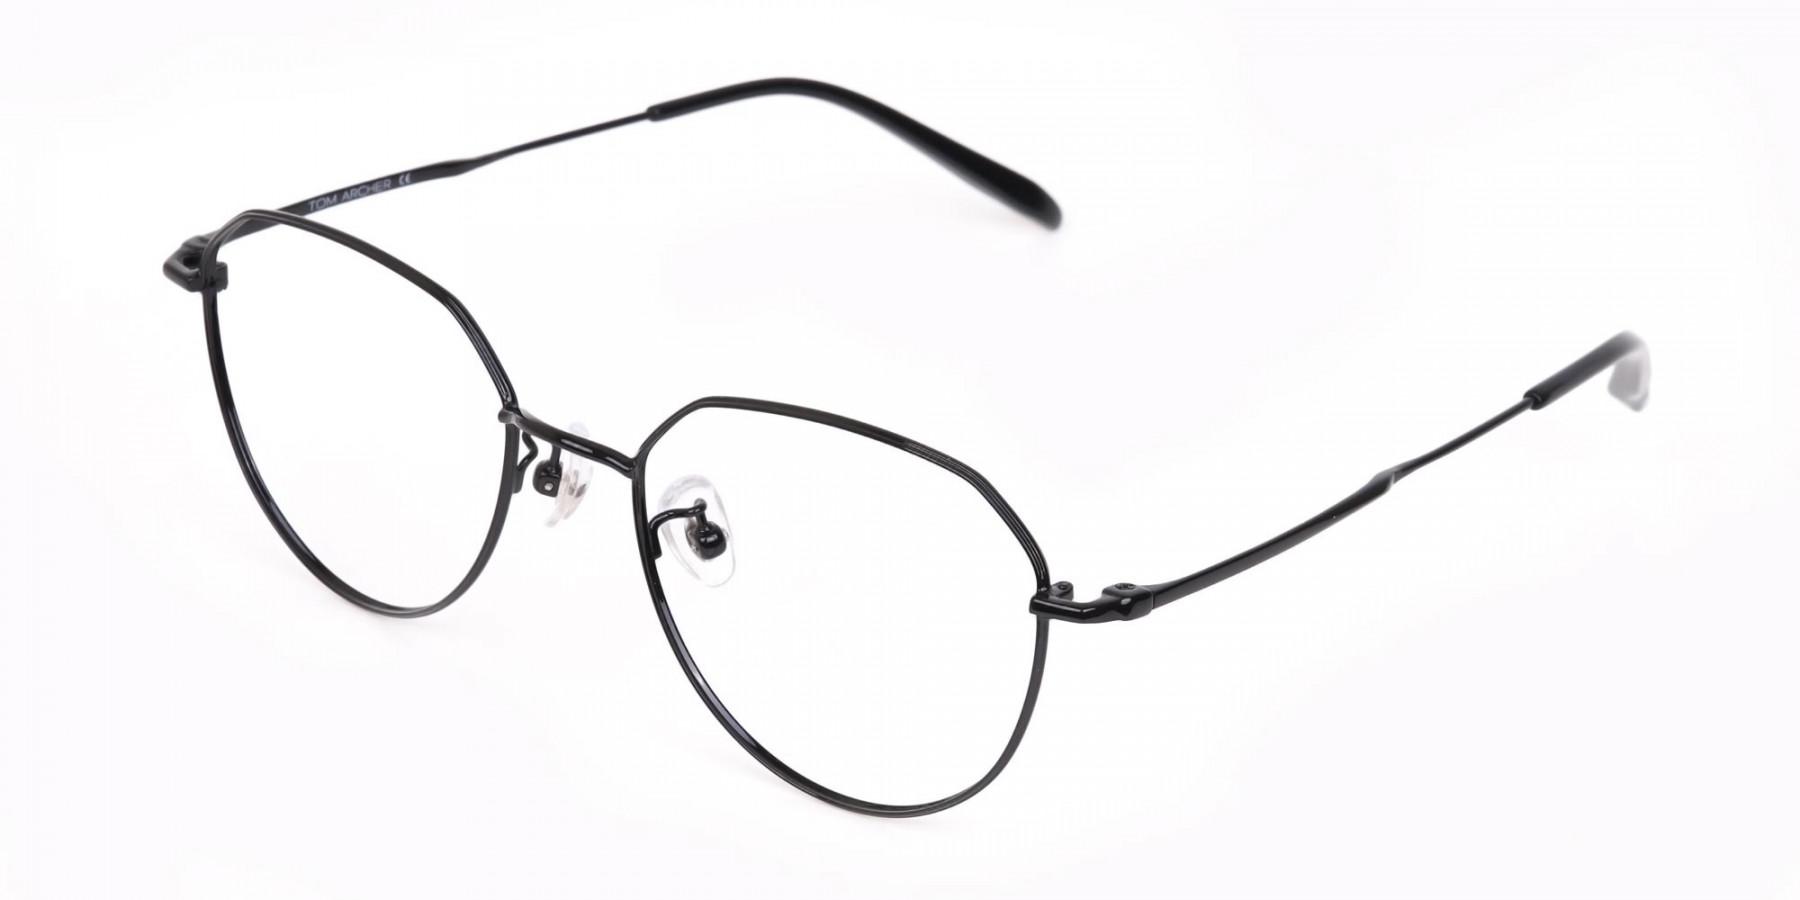 Black Metal Aviator Frames Glasses Unisex-1